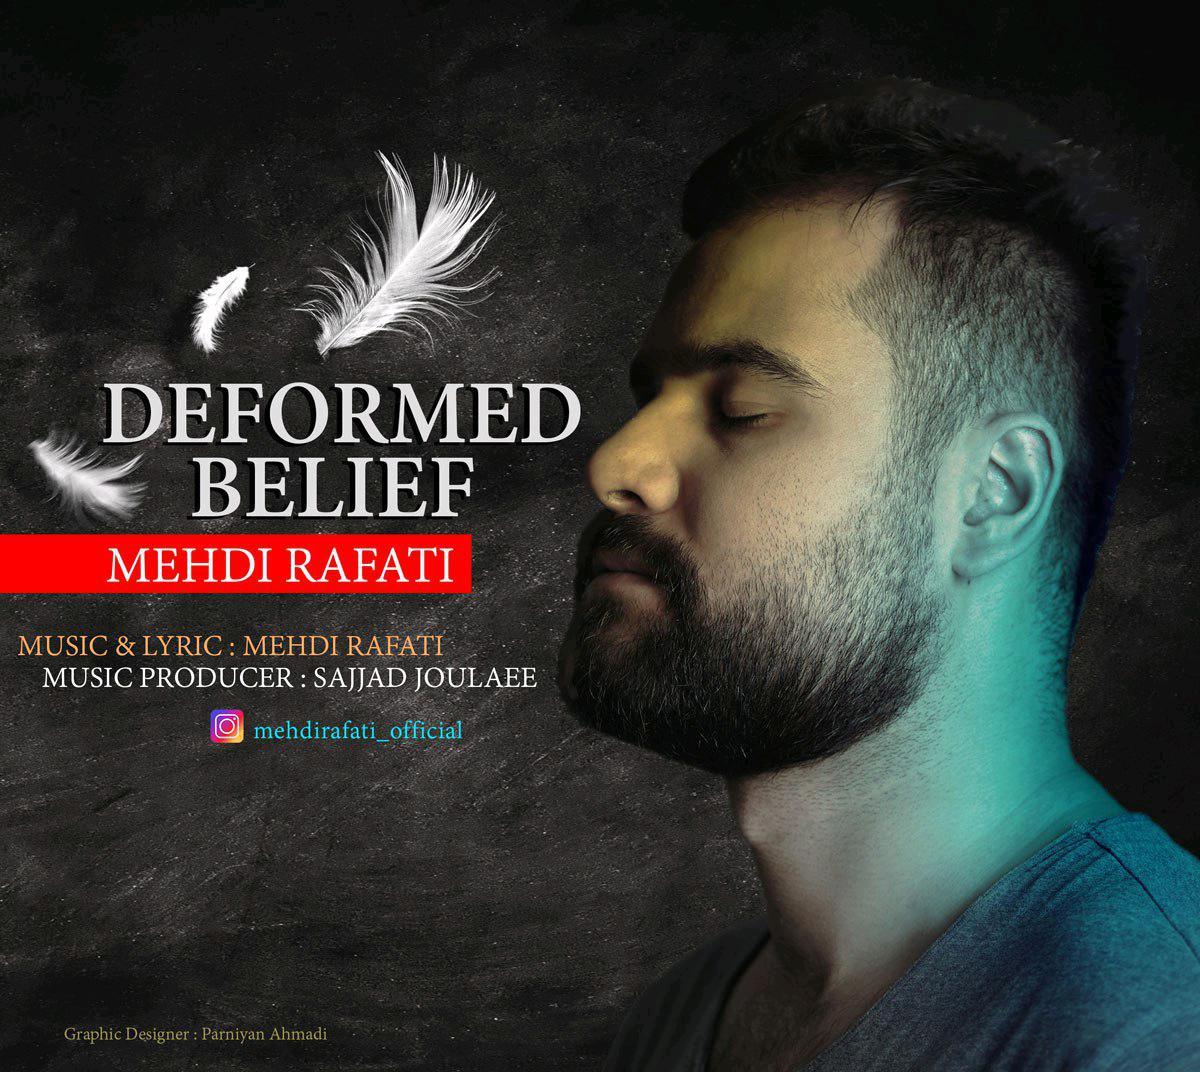 دانلود آهنگ جدید مهدی رفعتی به نام Deformed Belief